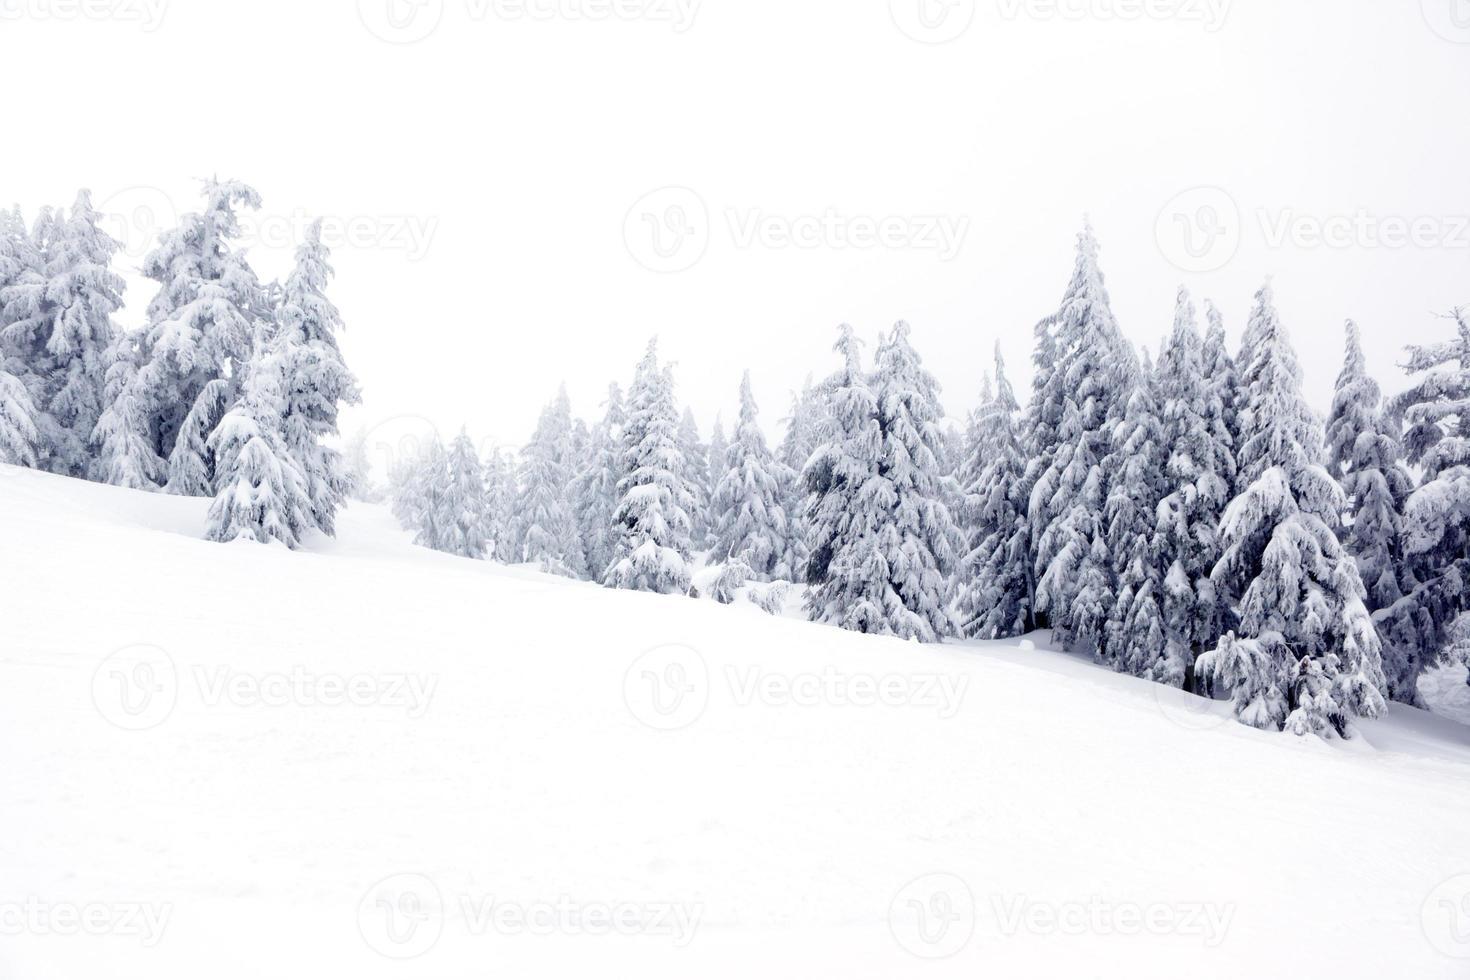 montagne enneigée. photo